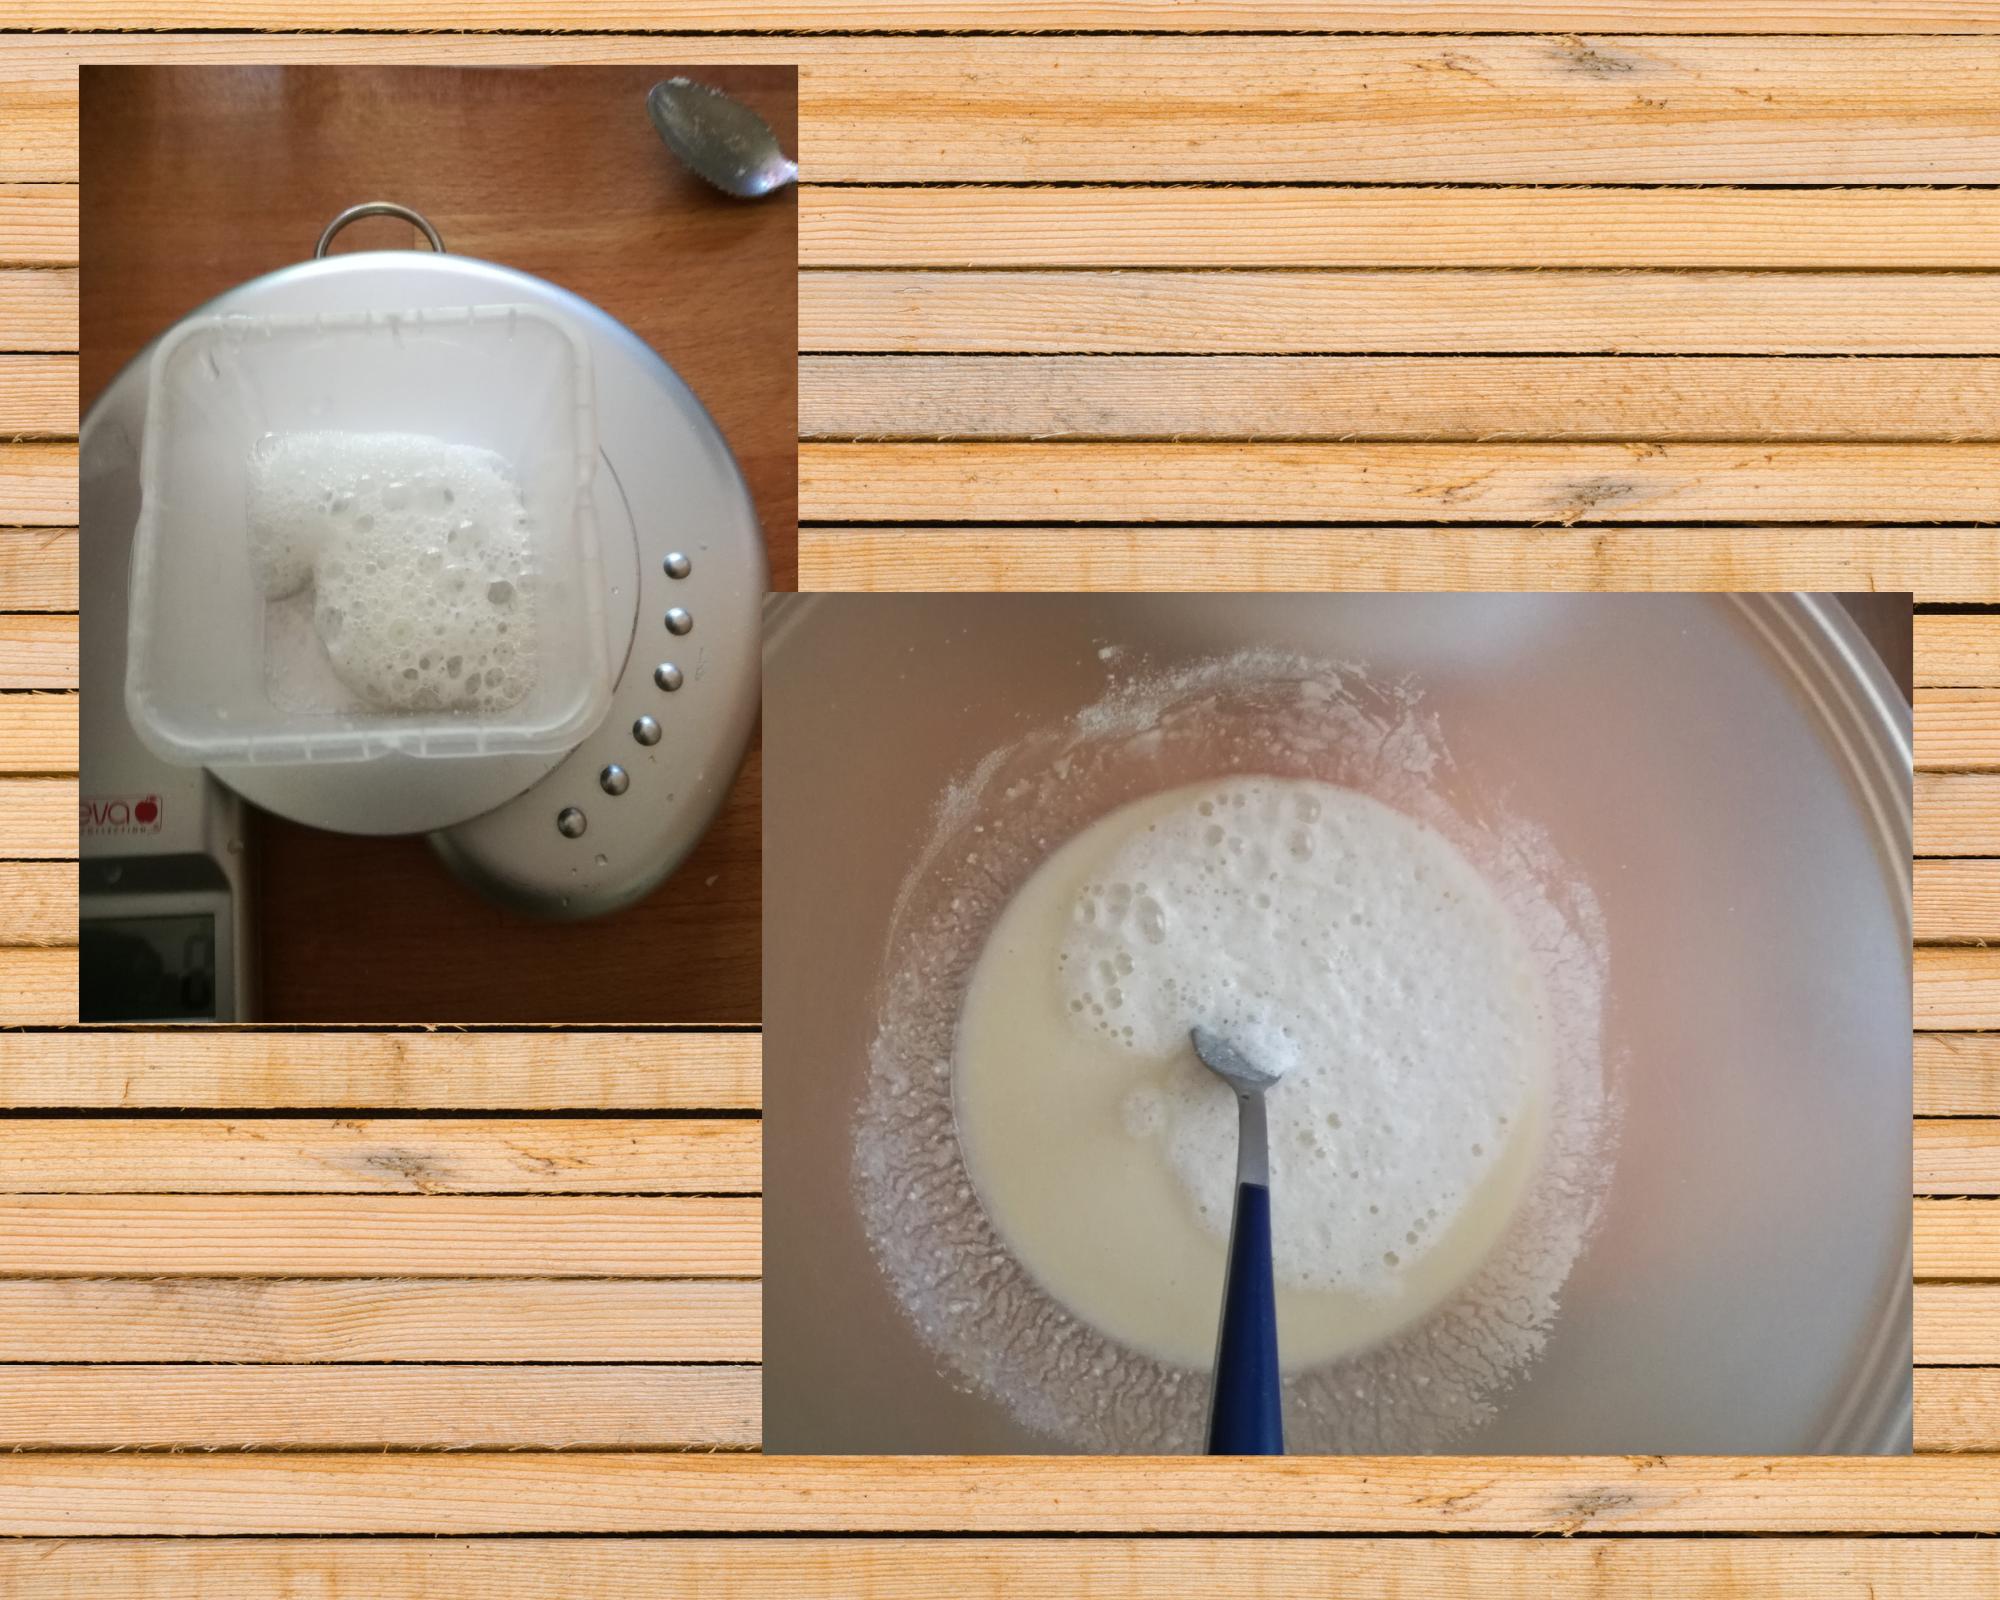 ciccio pancake idrolitina